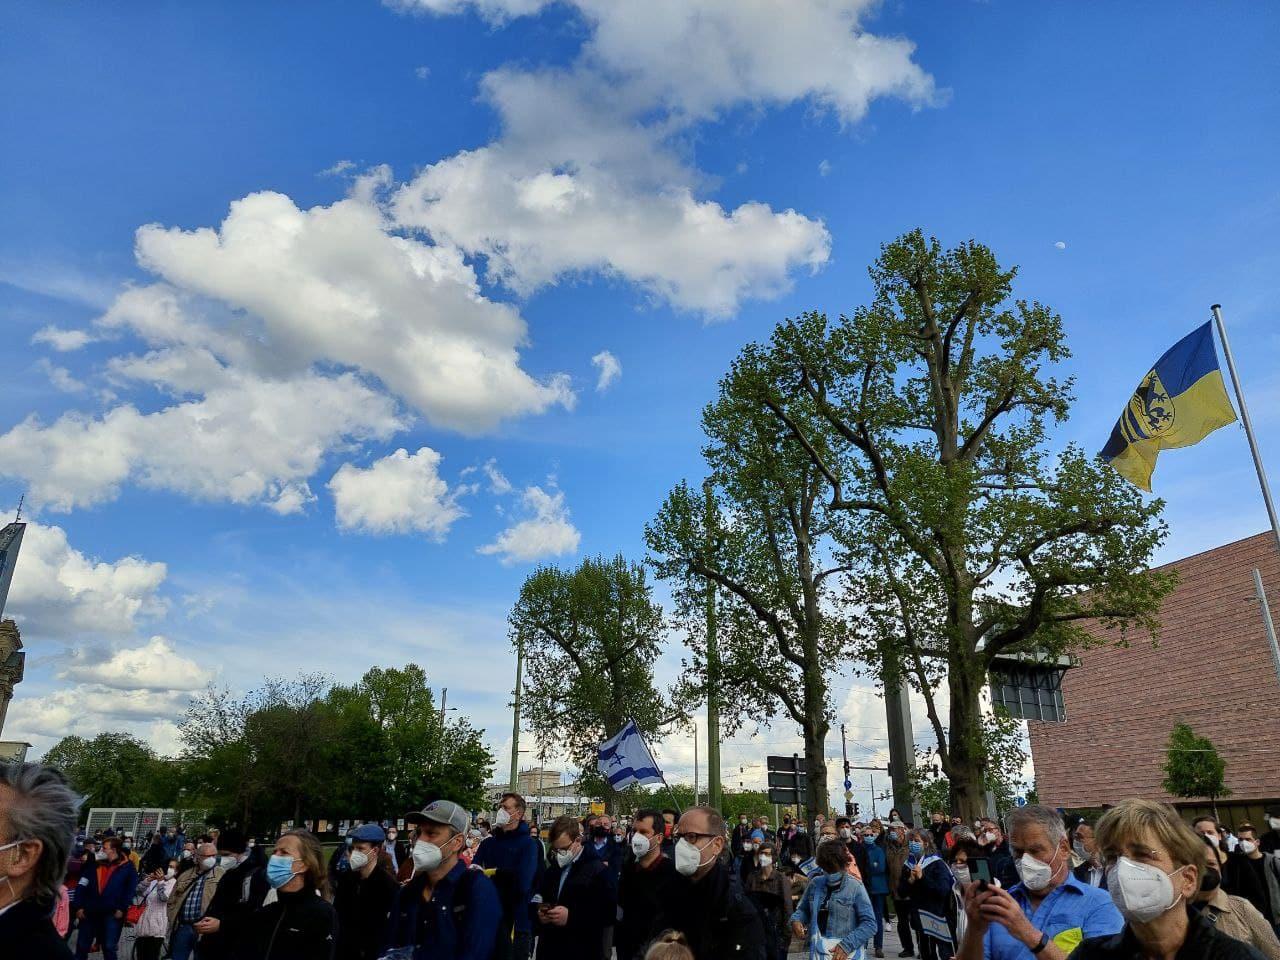 Ab 18 Uhr traf sich am 21. Mai 2021 eine Solidaritätsversammlung am Leipziger Rathaus. Foto: LZ